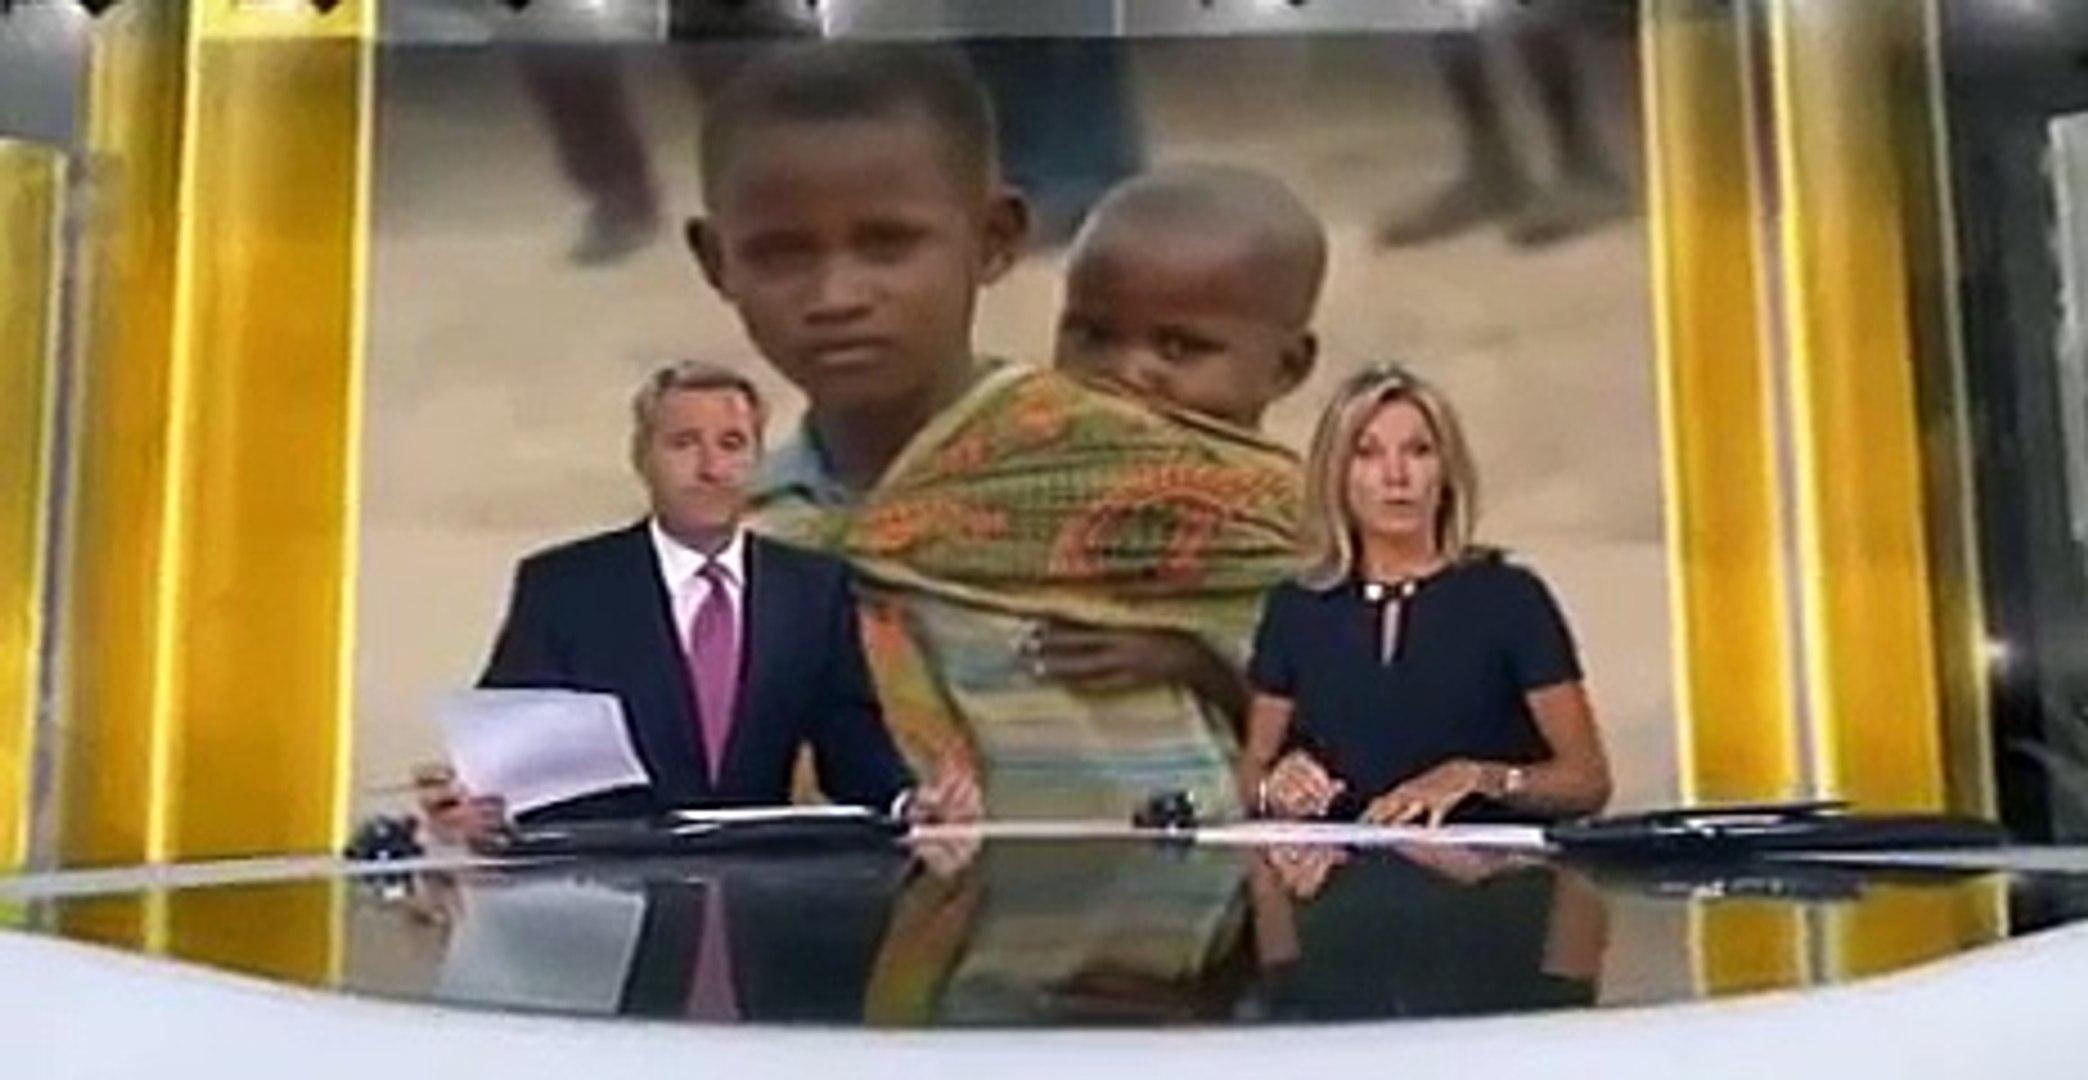 Africa famine: ITV News in Turkana